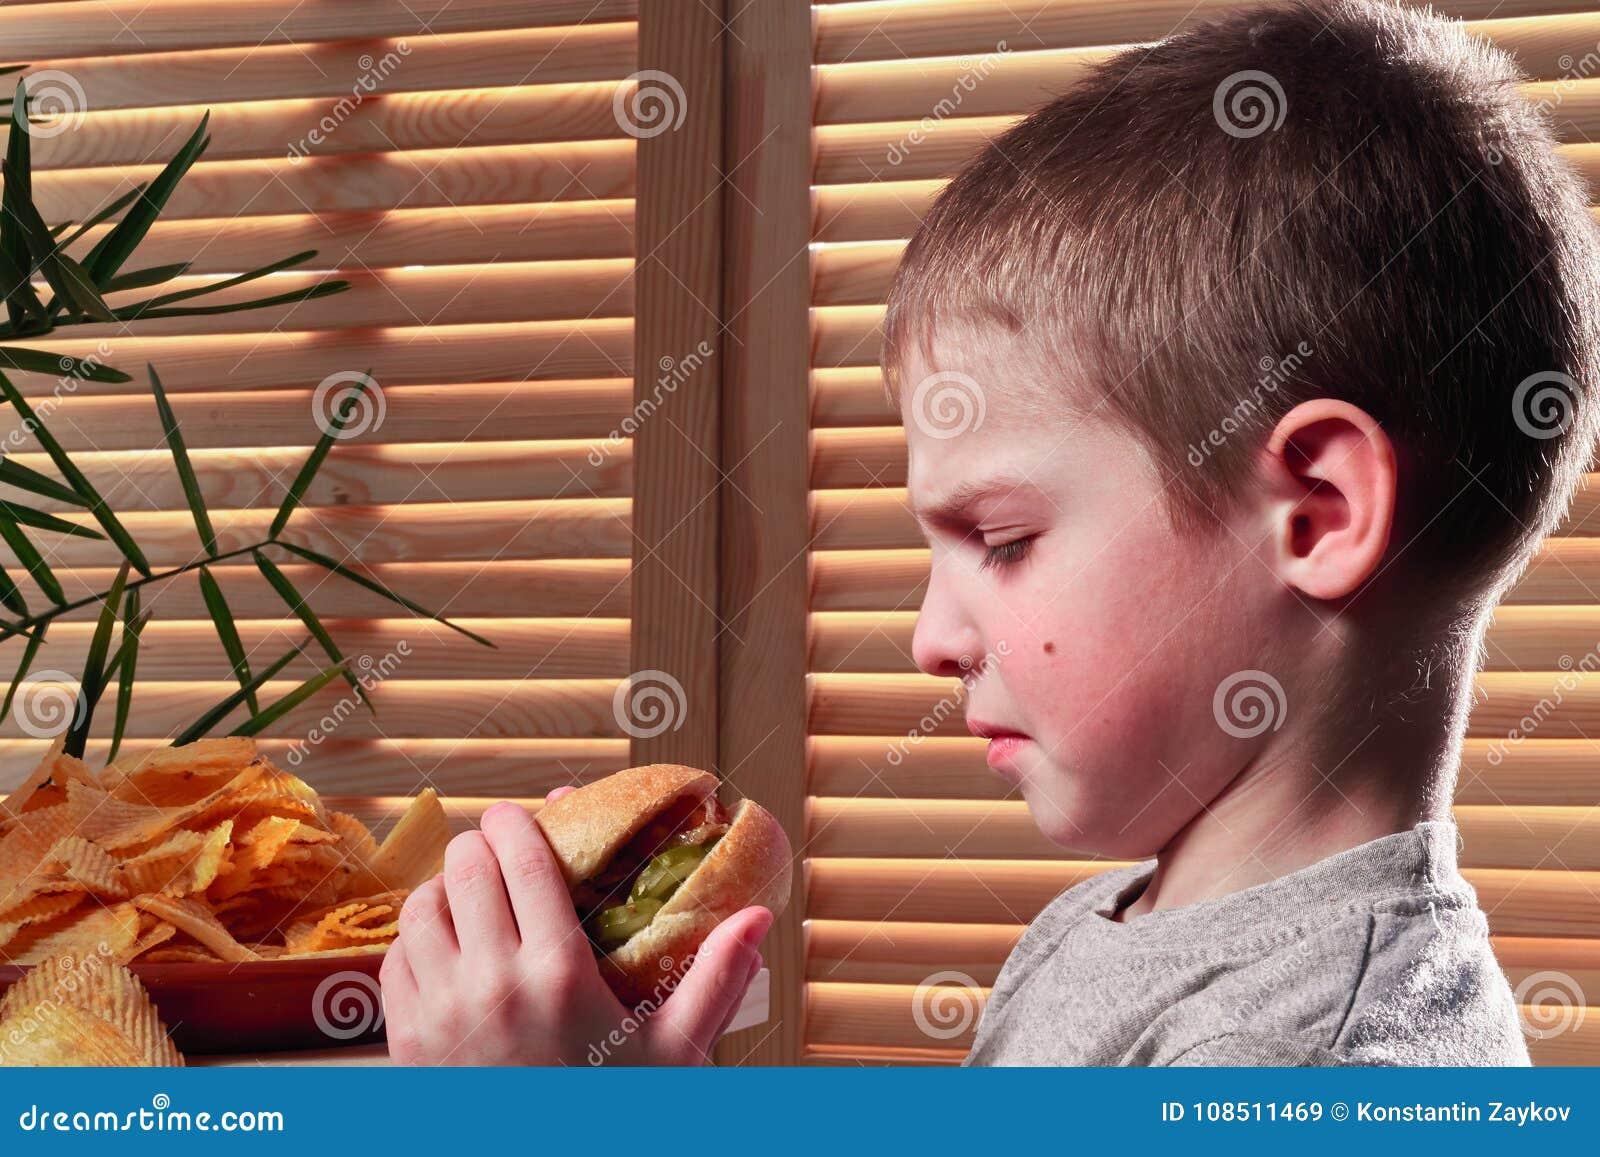 El muchacho que frunce el ceño está mirando el perrito caliente El niño está mirando fijamente con repugnancia la comida insípida